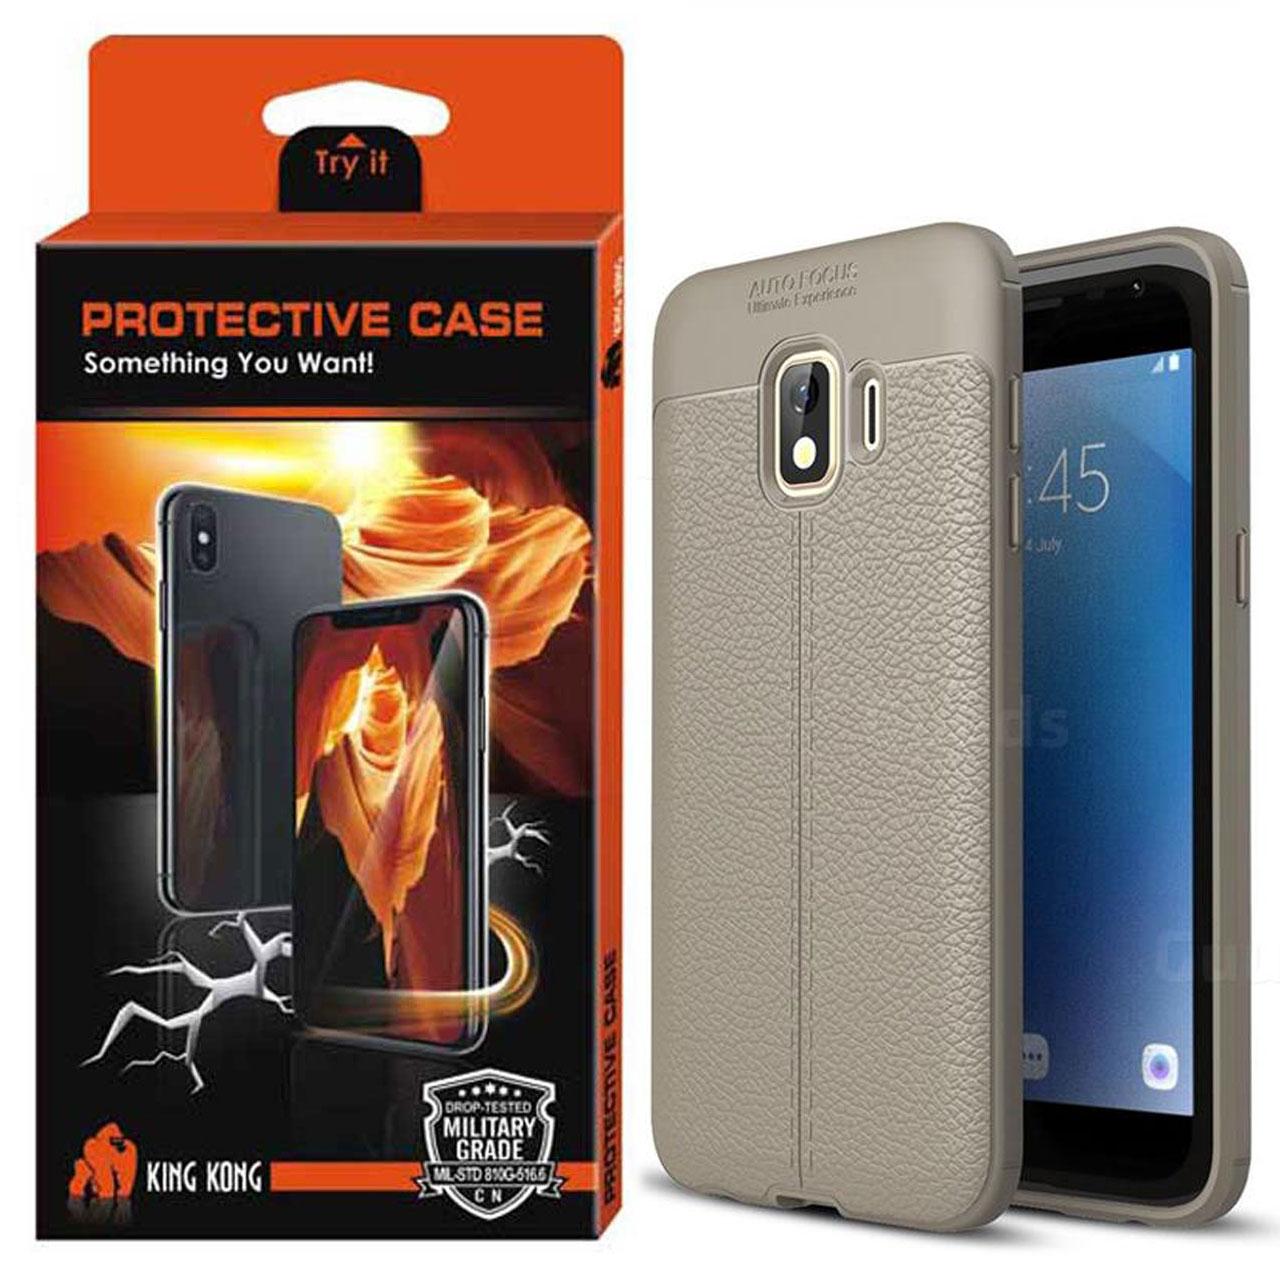 کاور کینگ کونگ مدل اتوفوکوس مناسب برای گوشی موبایل سامسونگ Galaxy J2 Core thumb